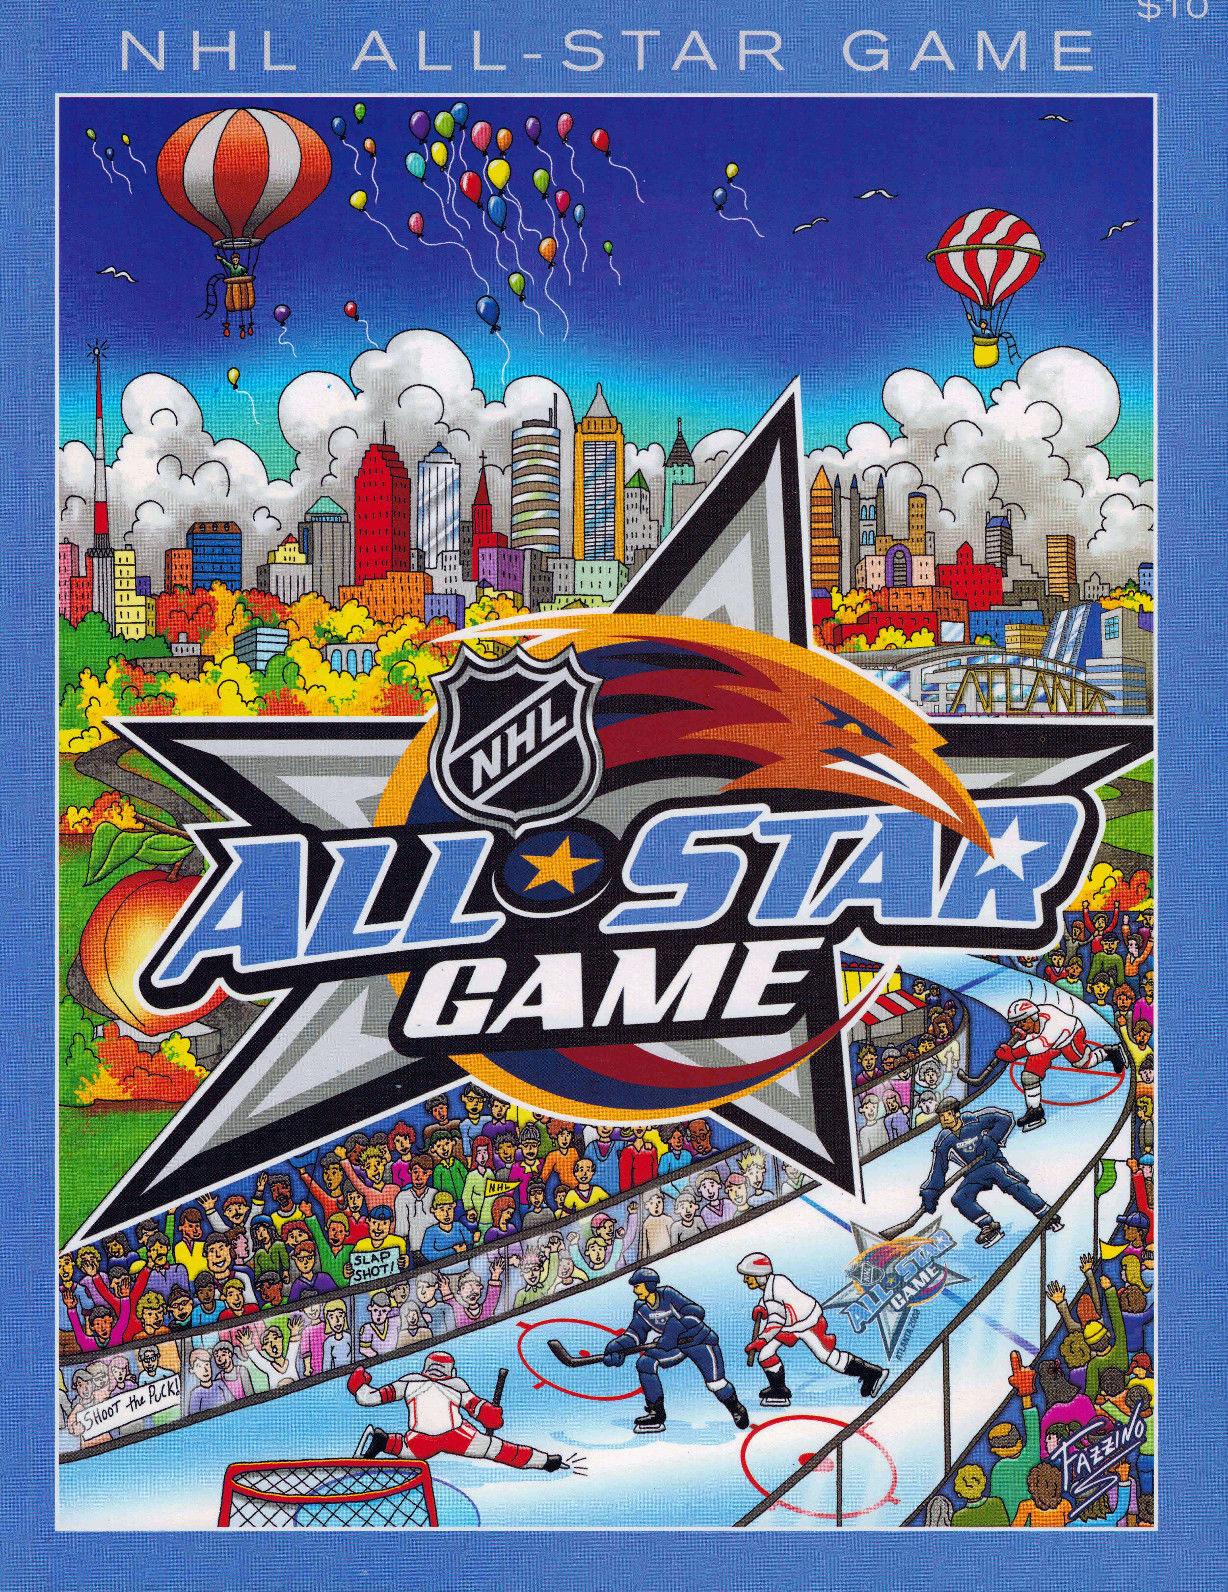 NHL All-Star Game Program Program (2007/08) - 2008 NHL All-Star Game Program - Atlanta, GA hosted by Atlanta Thrashers SportsLogos.Net